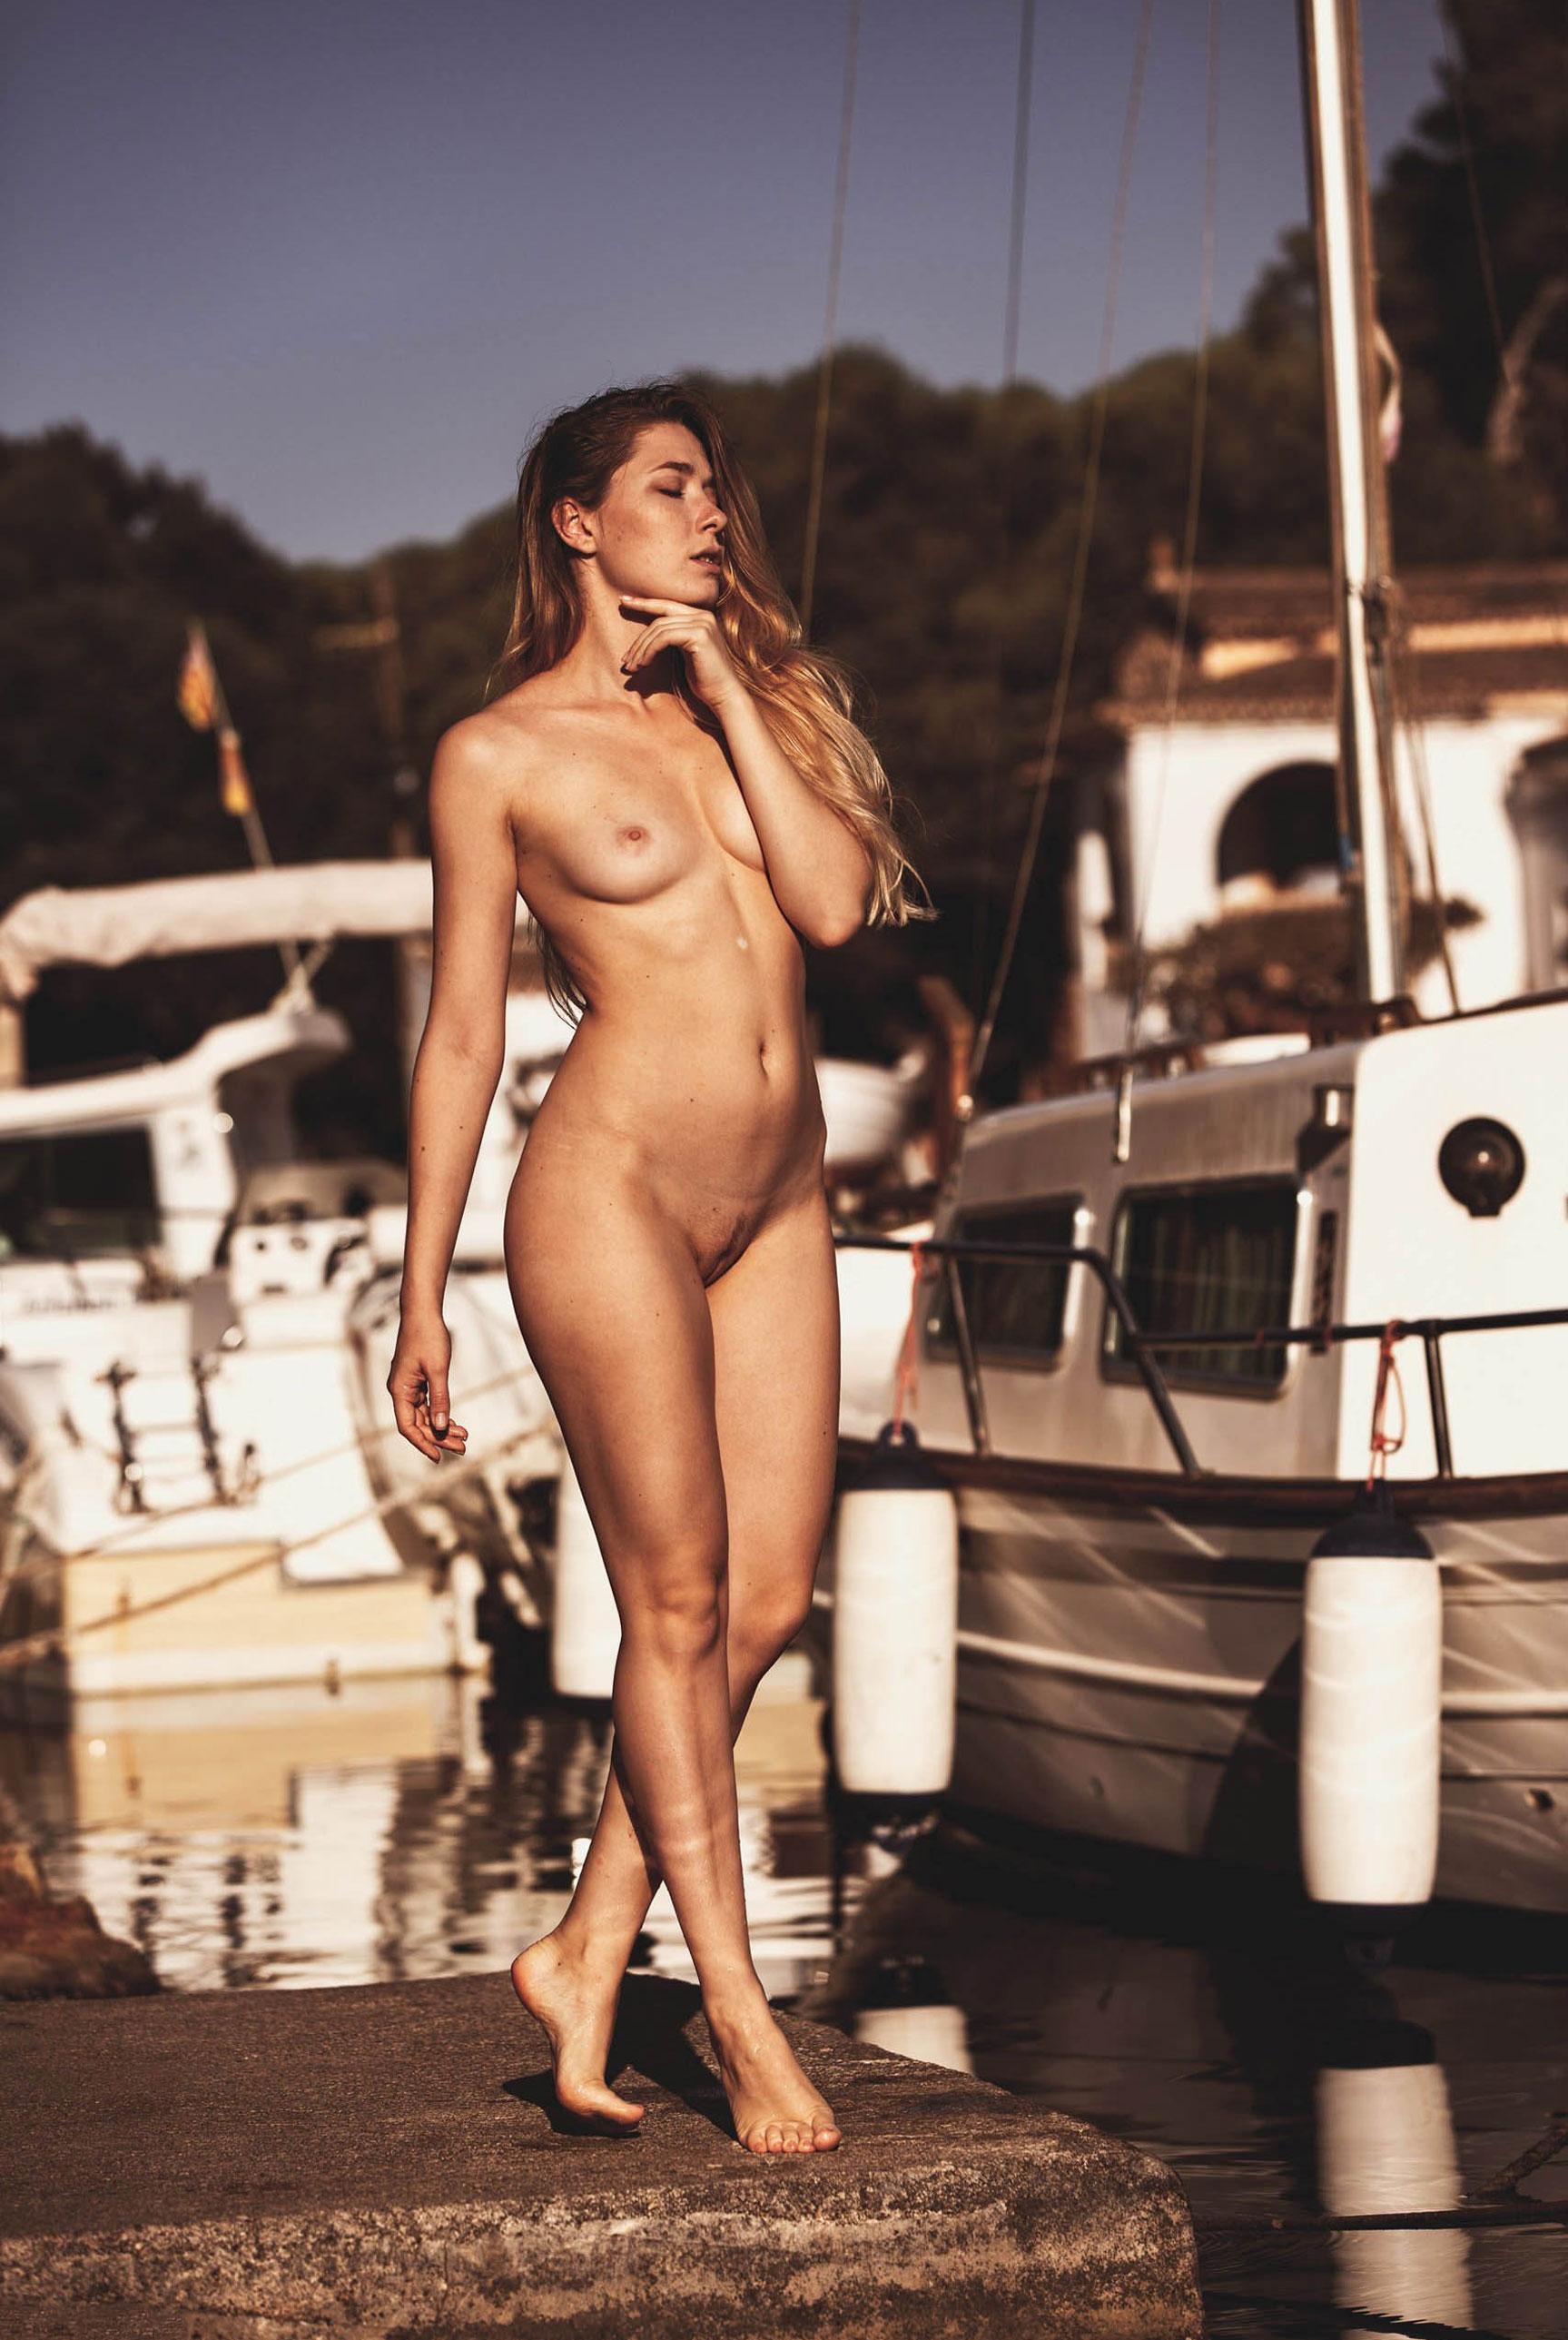 подборка фотографий сексуальных голых девушек - Harbor Morning